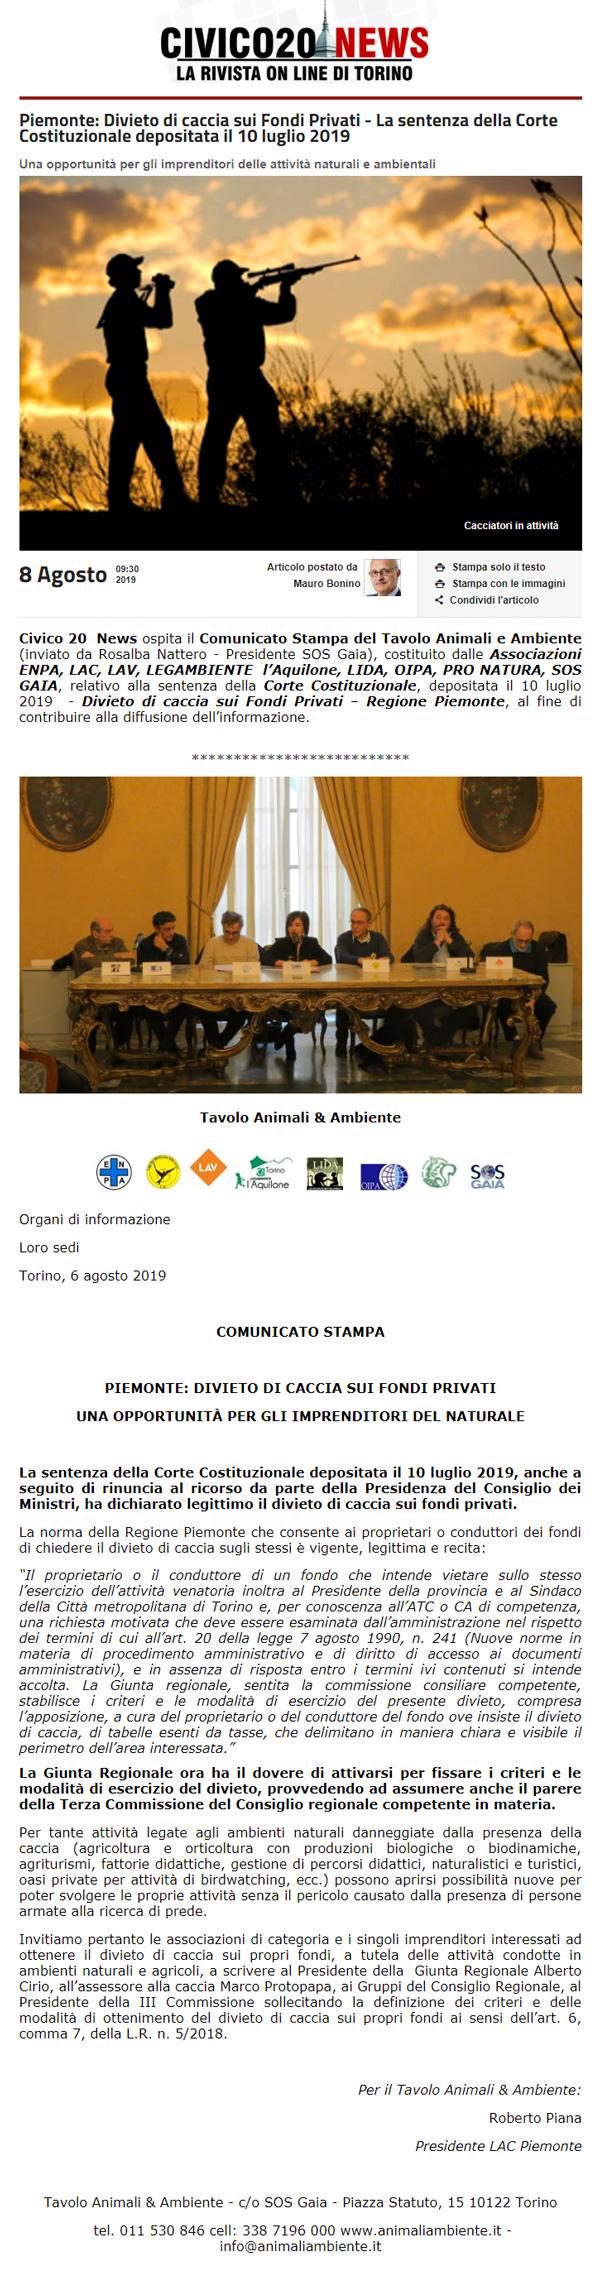 civico20-news-08-08-2019-Divieto-di-caccia-sui-fondi-privati